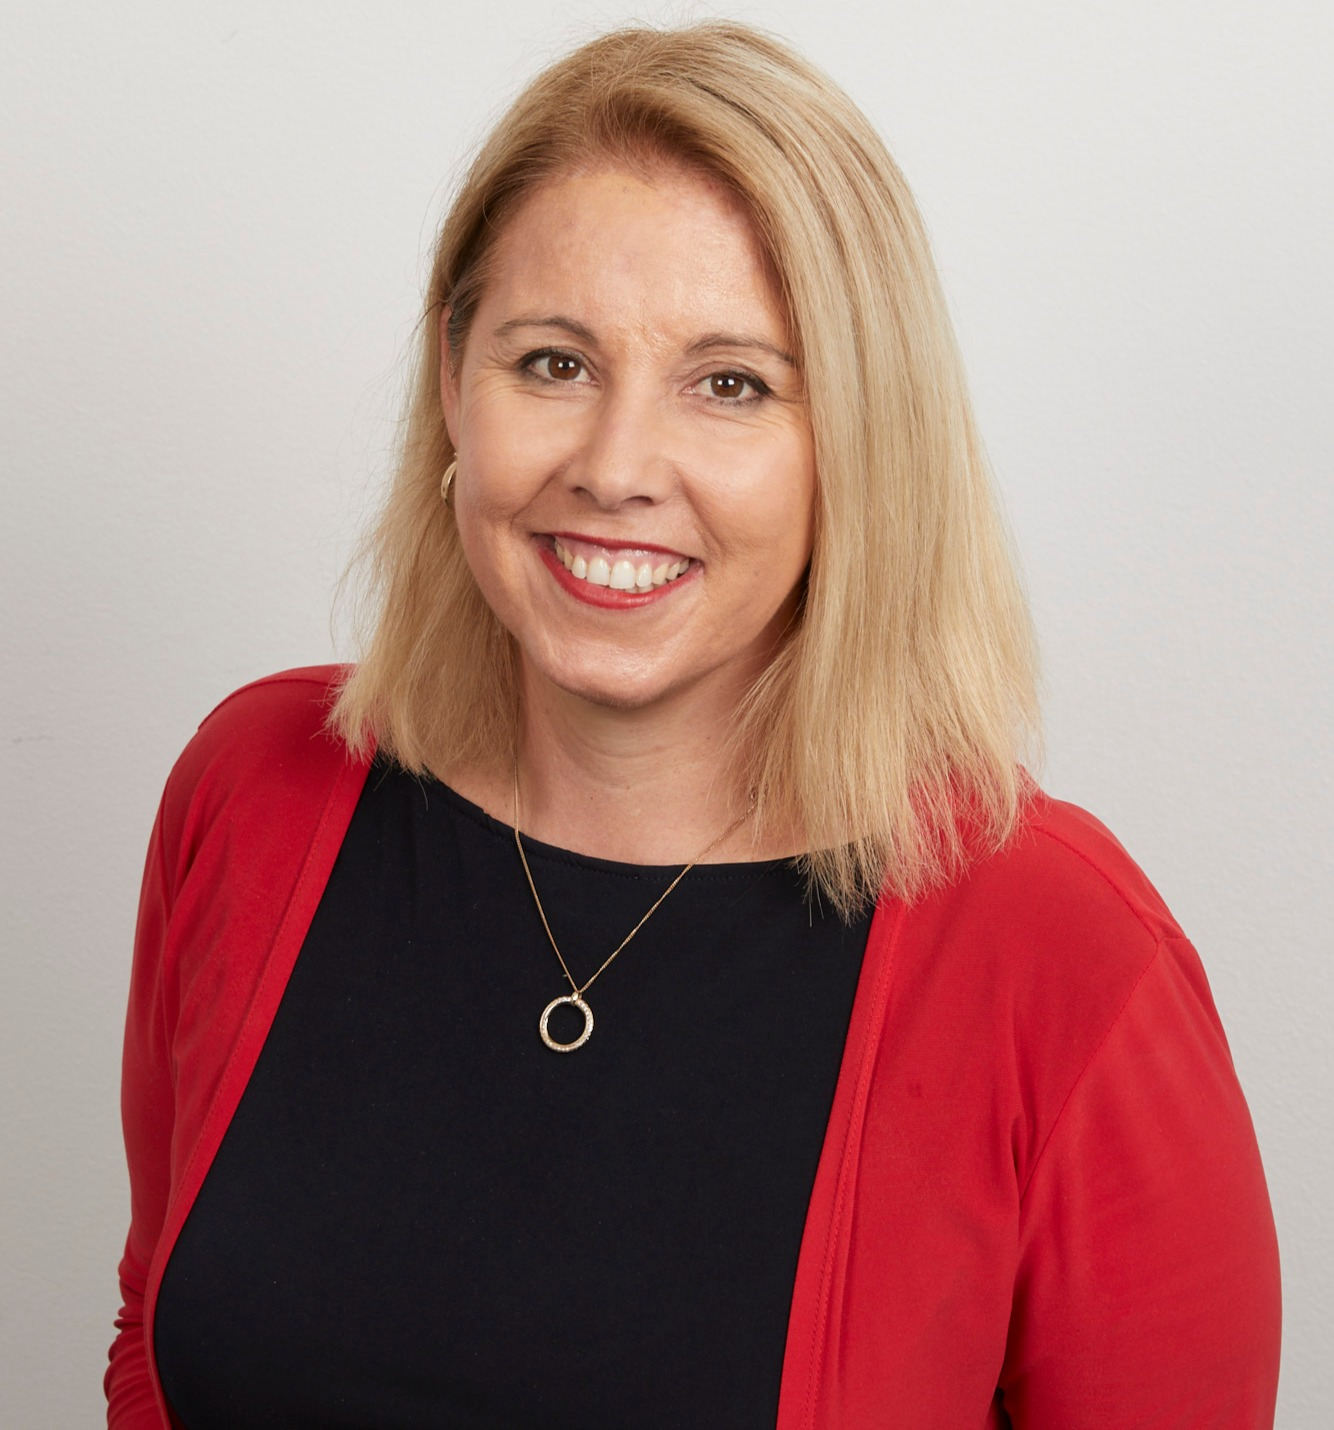 Melissa Groom